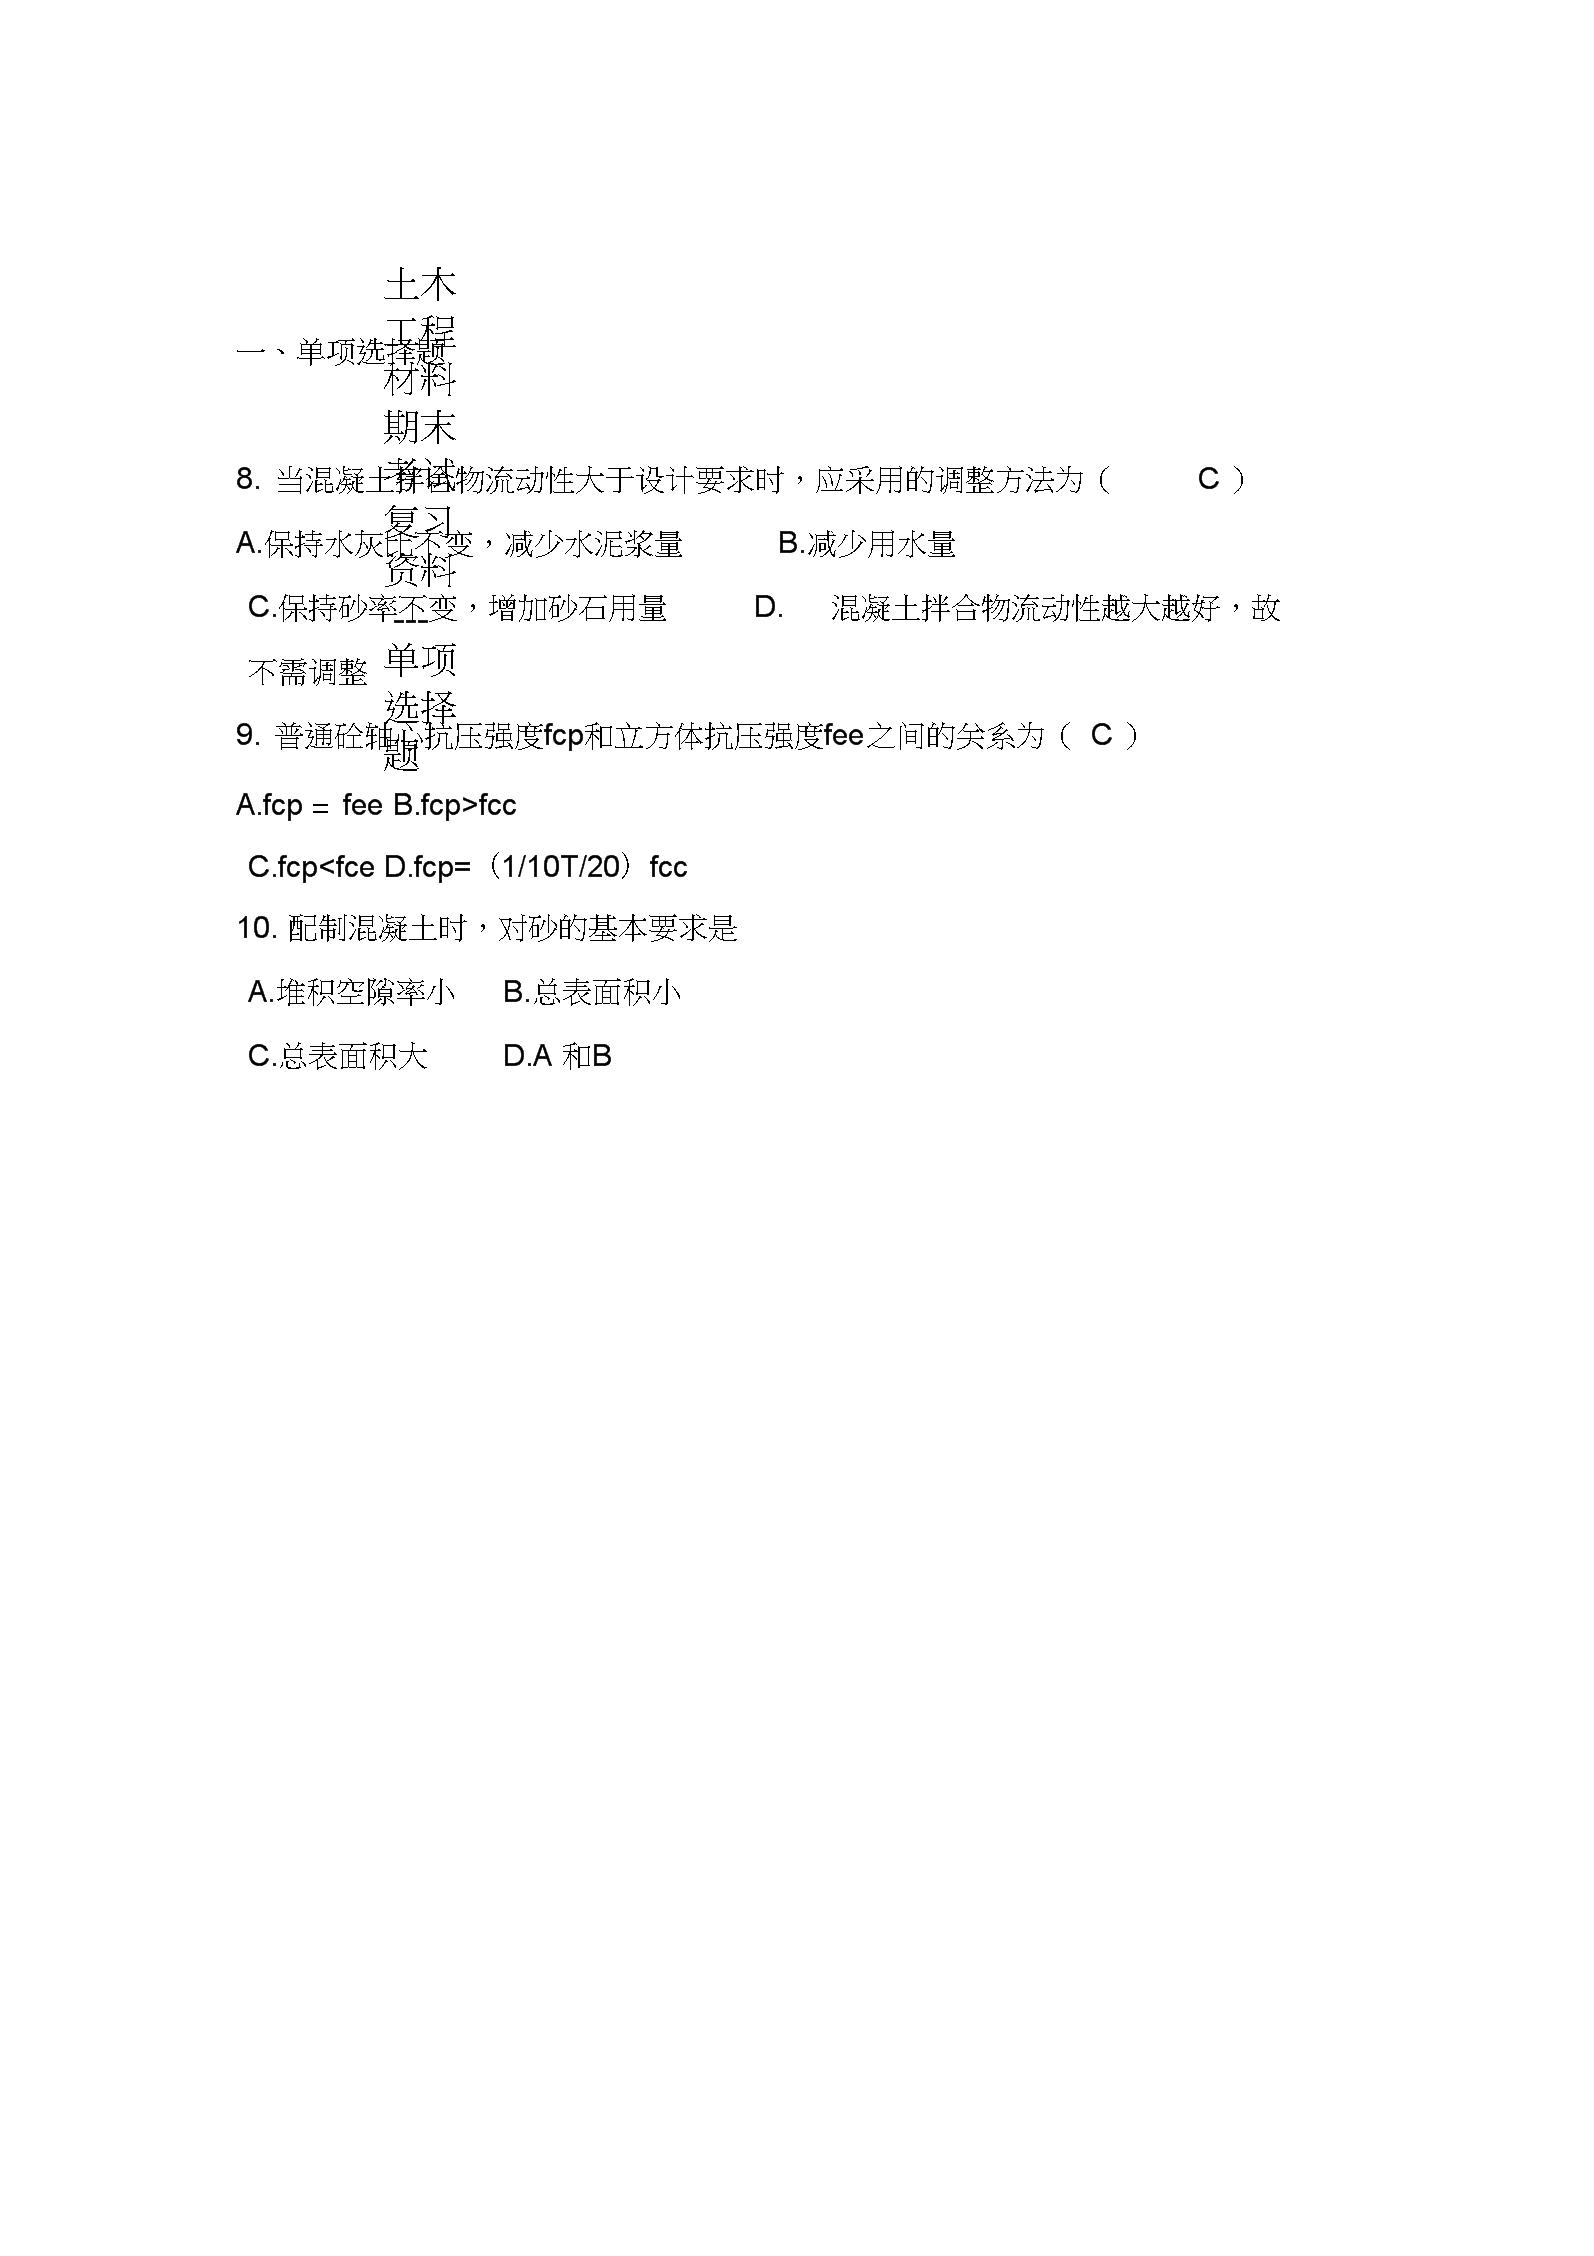 土木工程材料期末考试题库-(1).docx